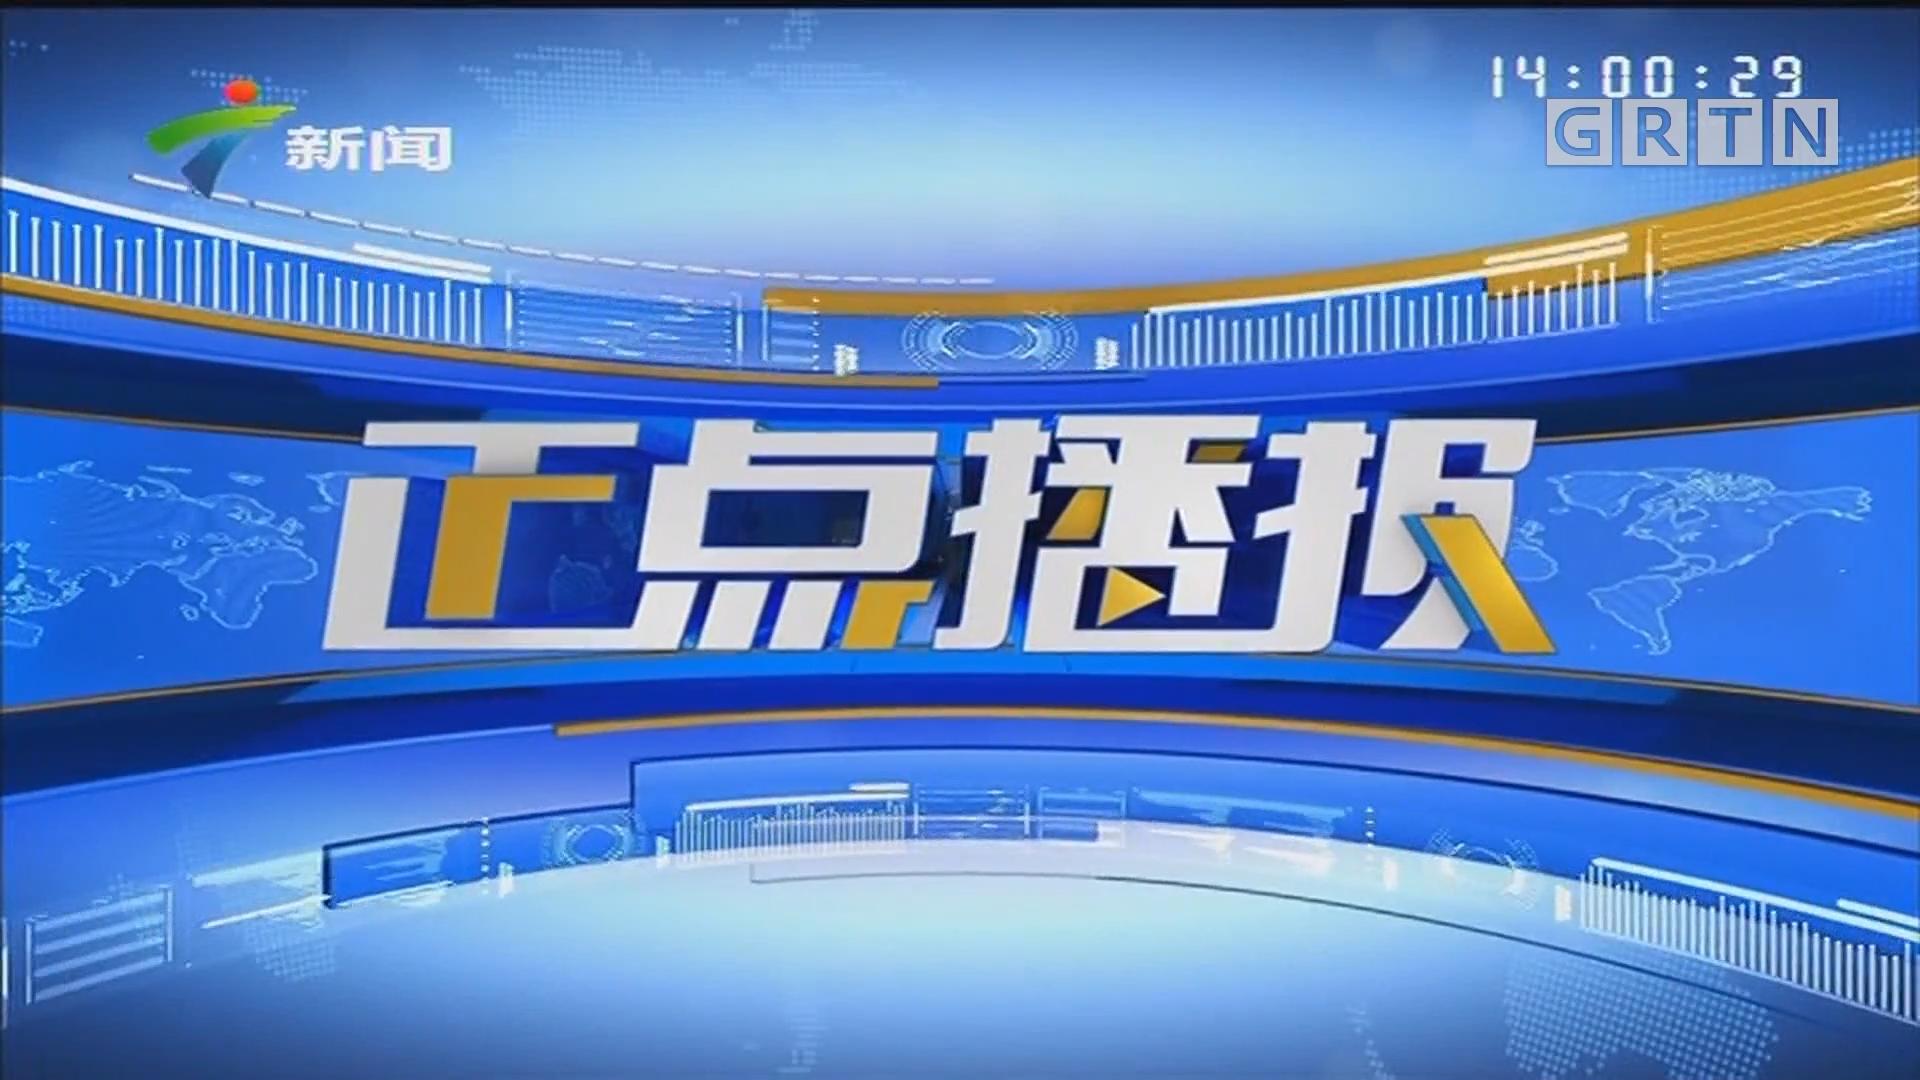 [HD][2019-10-01]正点播报:南粤大地欢庆国庆巡礼:深圳庆祝新中国成立70周年升旗仪式今早举行